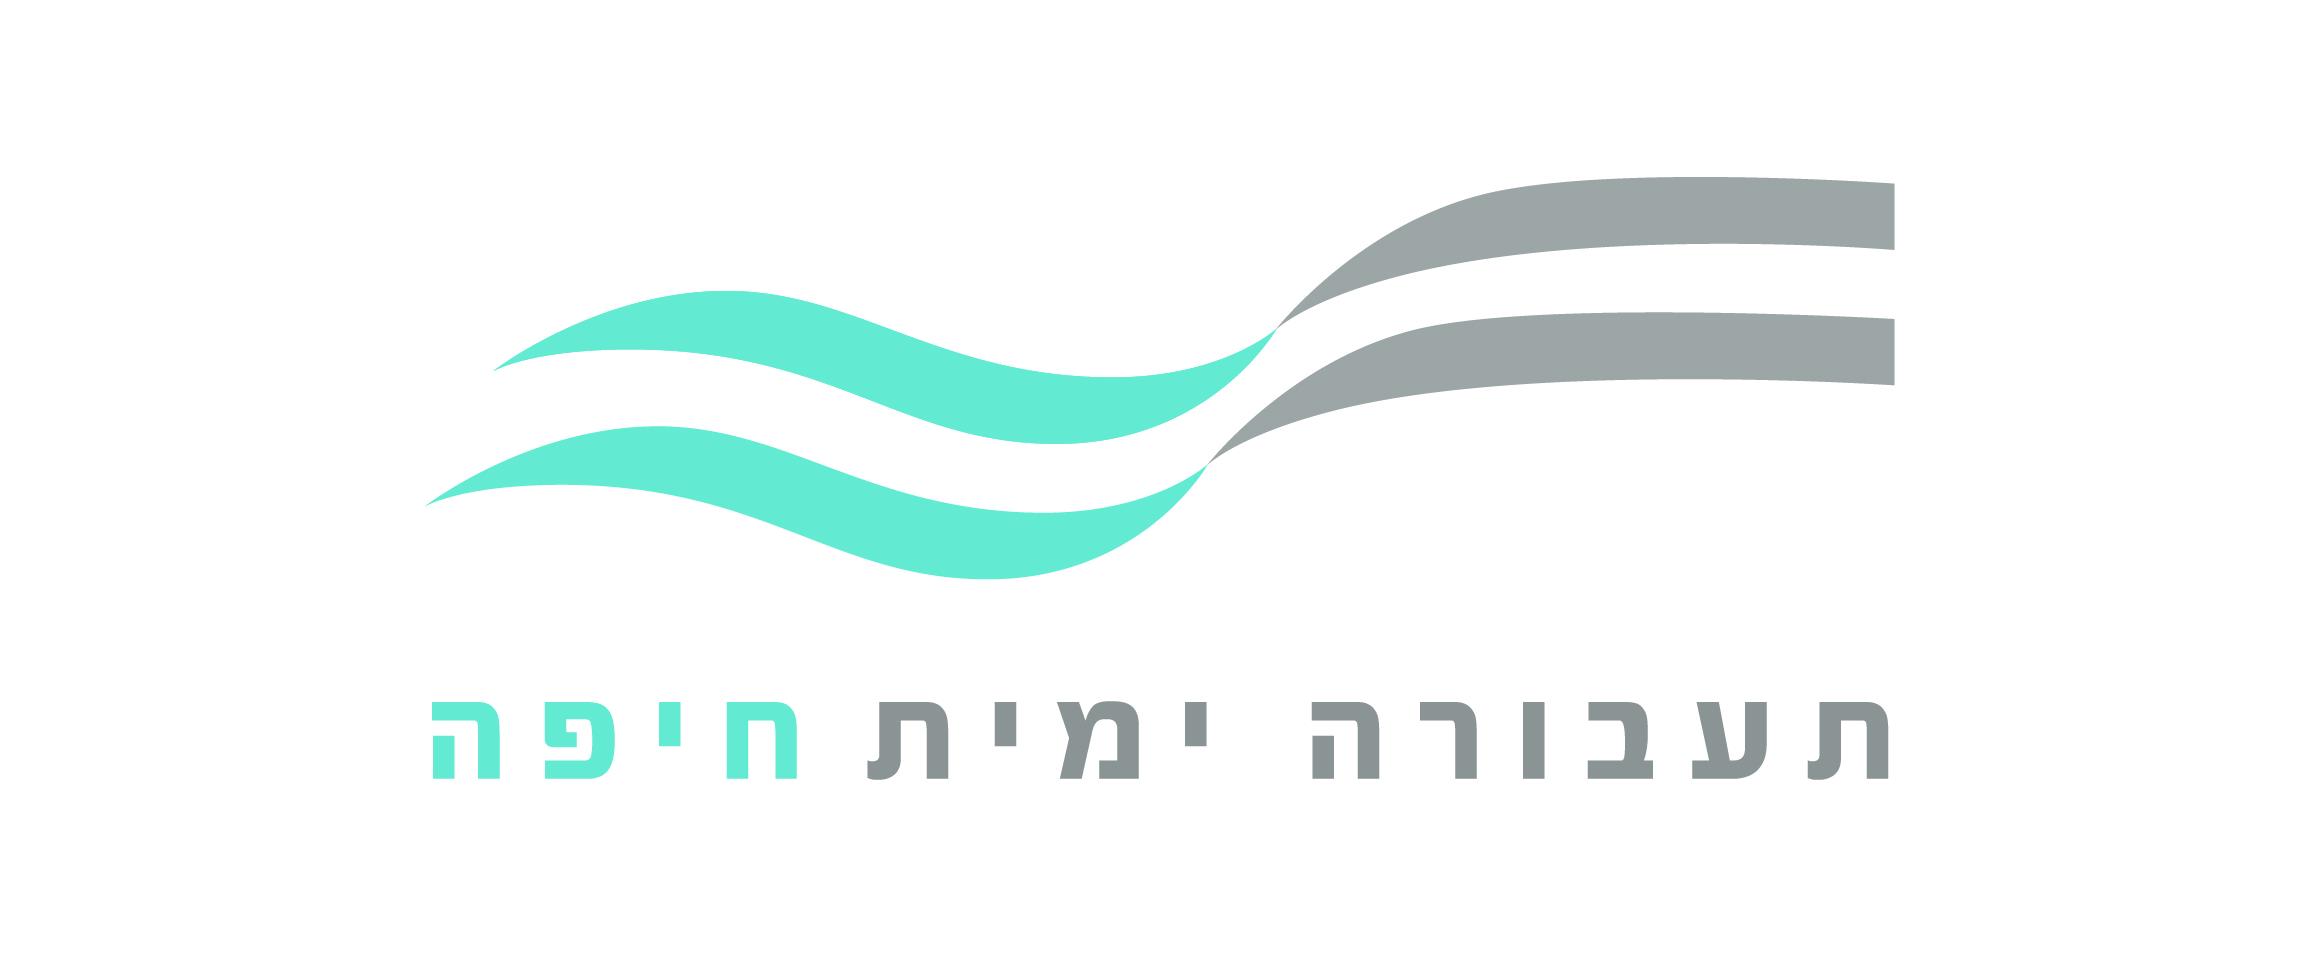 תעבורה ימית חיפה- מודעות אבל